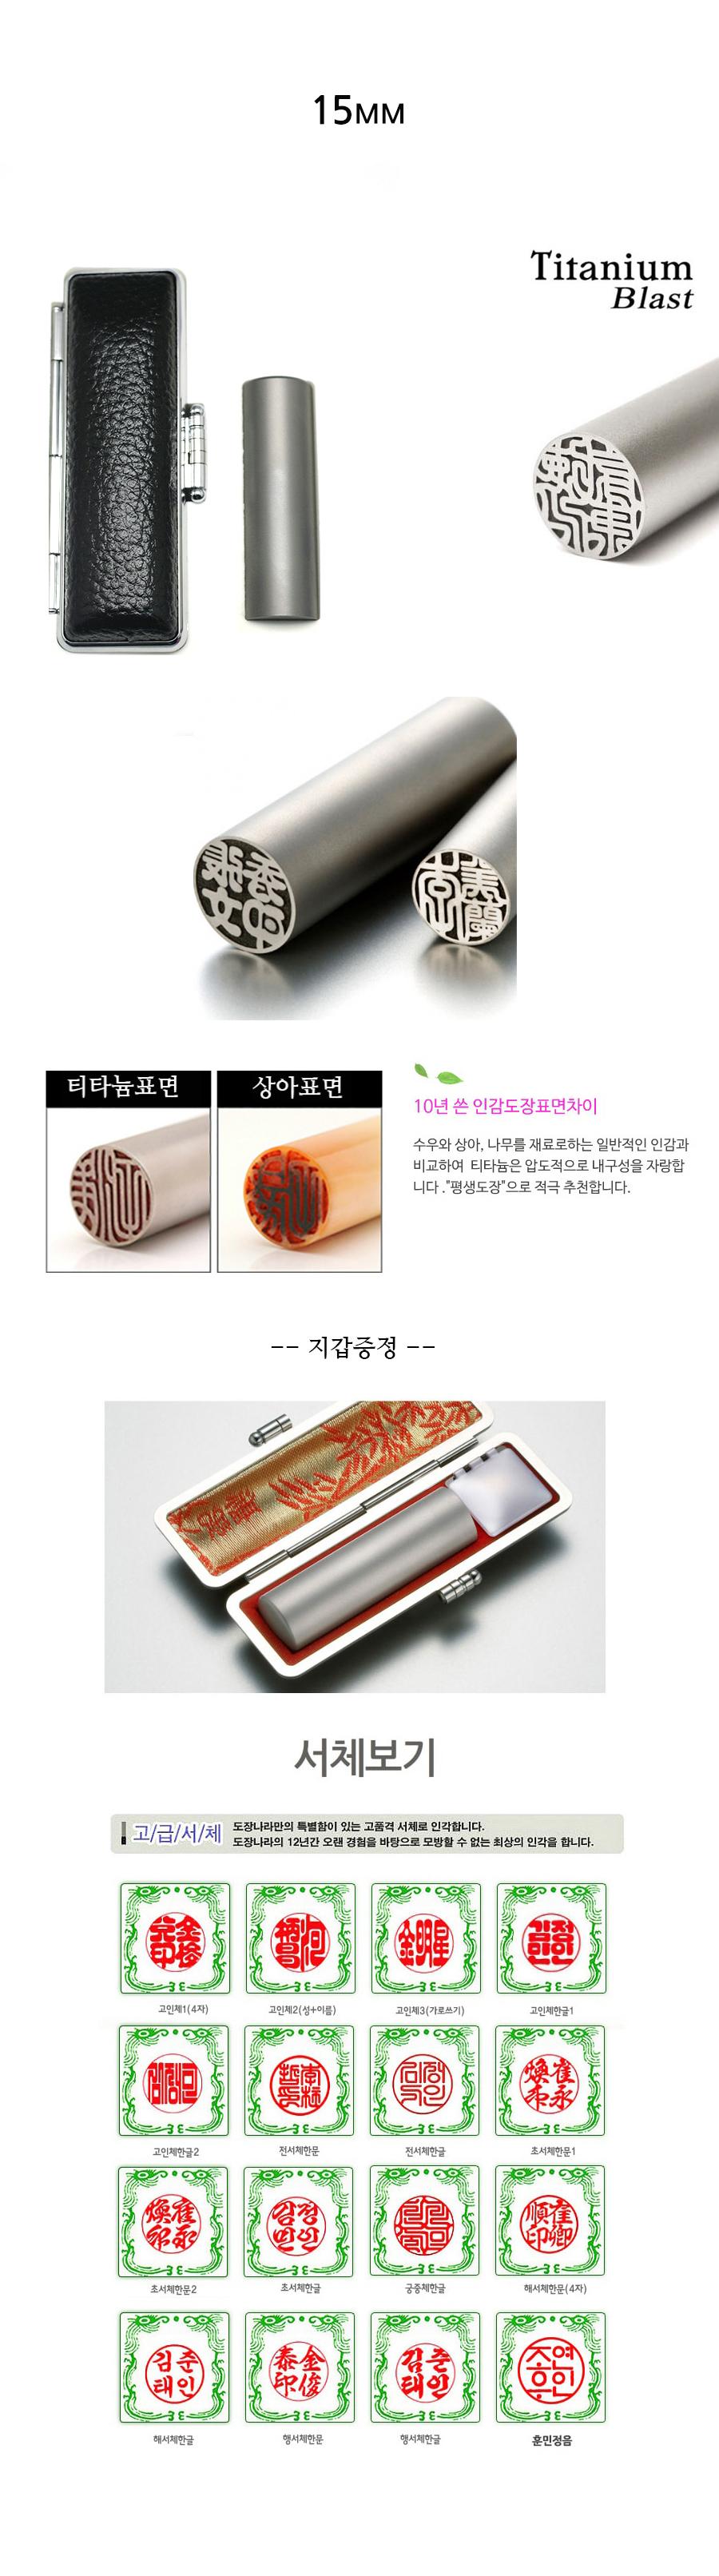 인기도장 티타늄블라스트 15mm - 이름새김도장, 89,000원, 스탬프, 주문제작스탬프